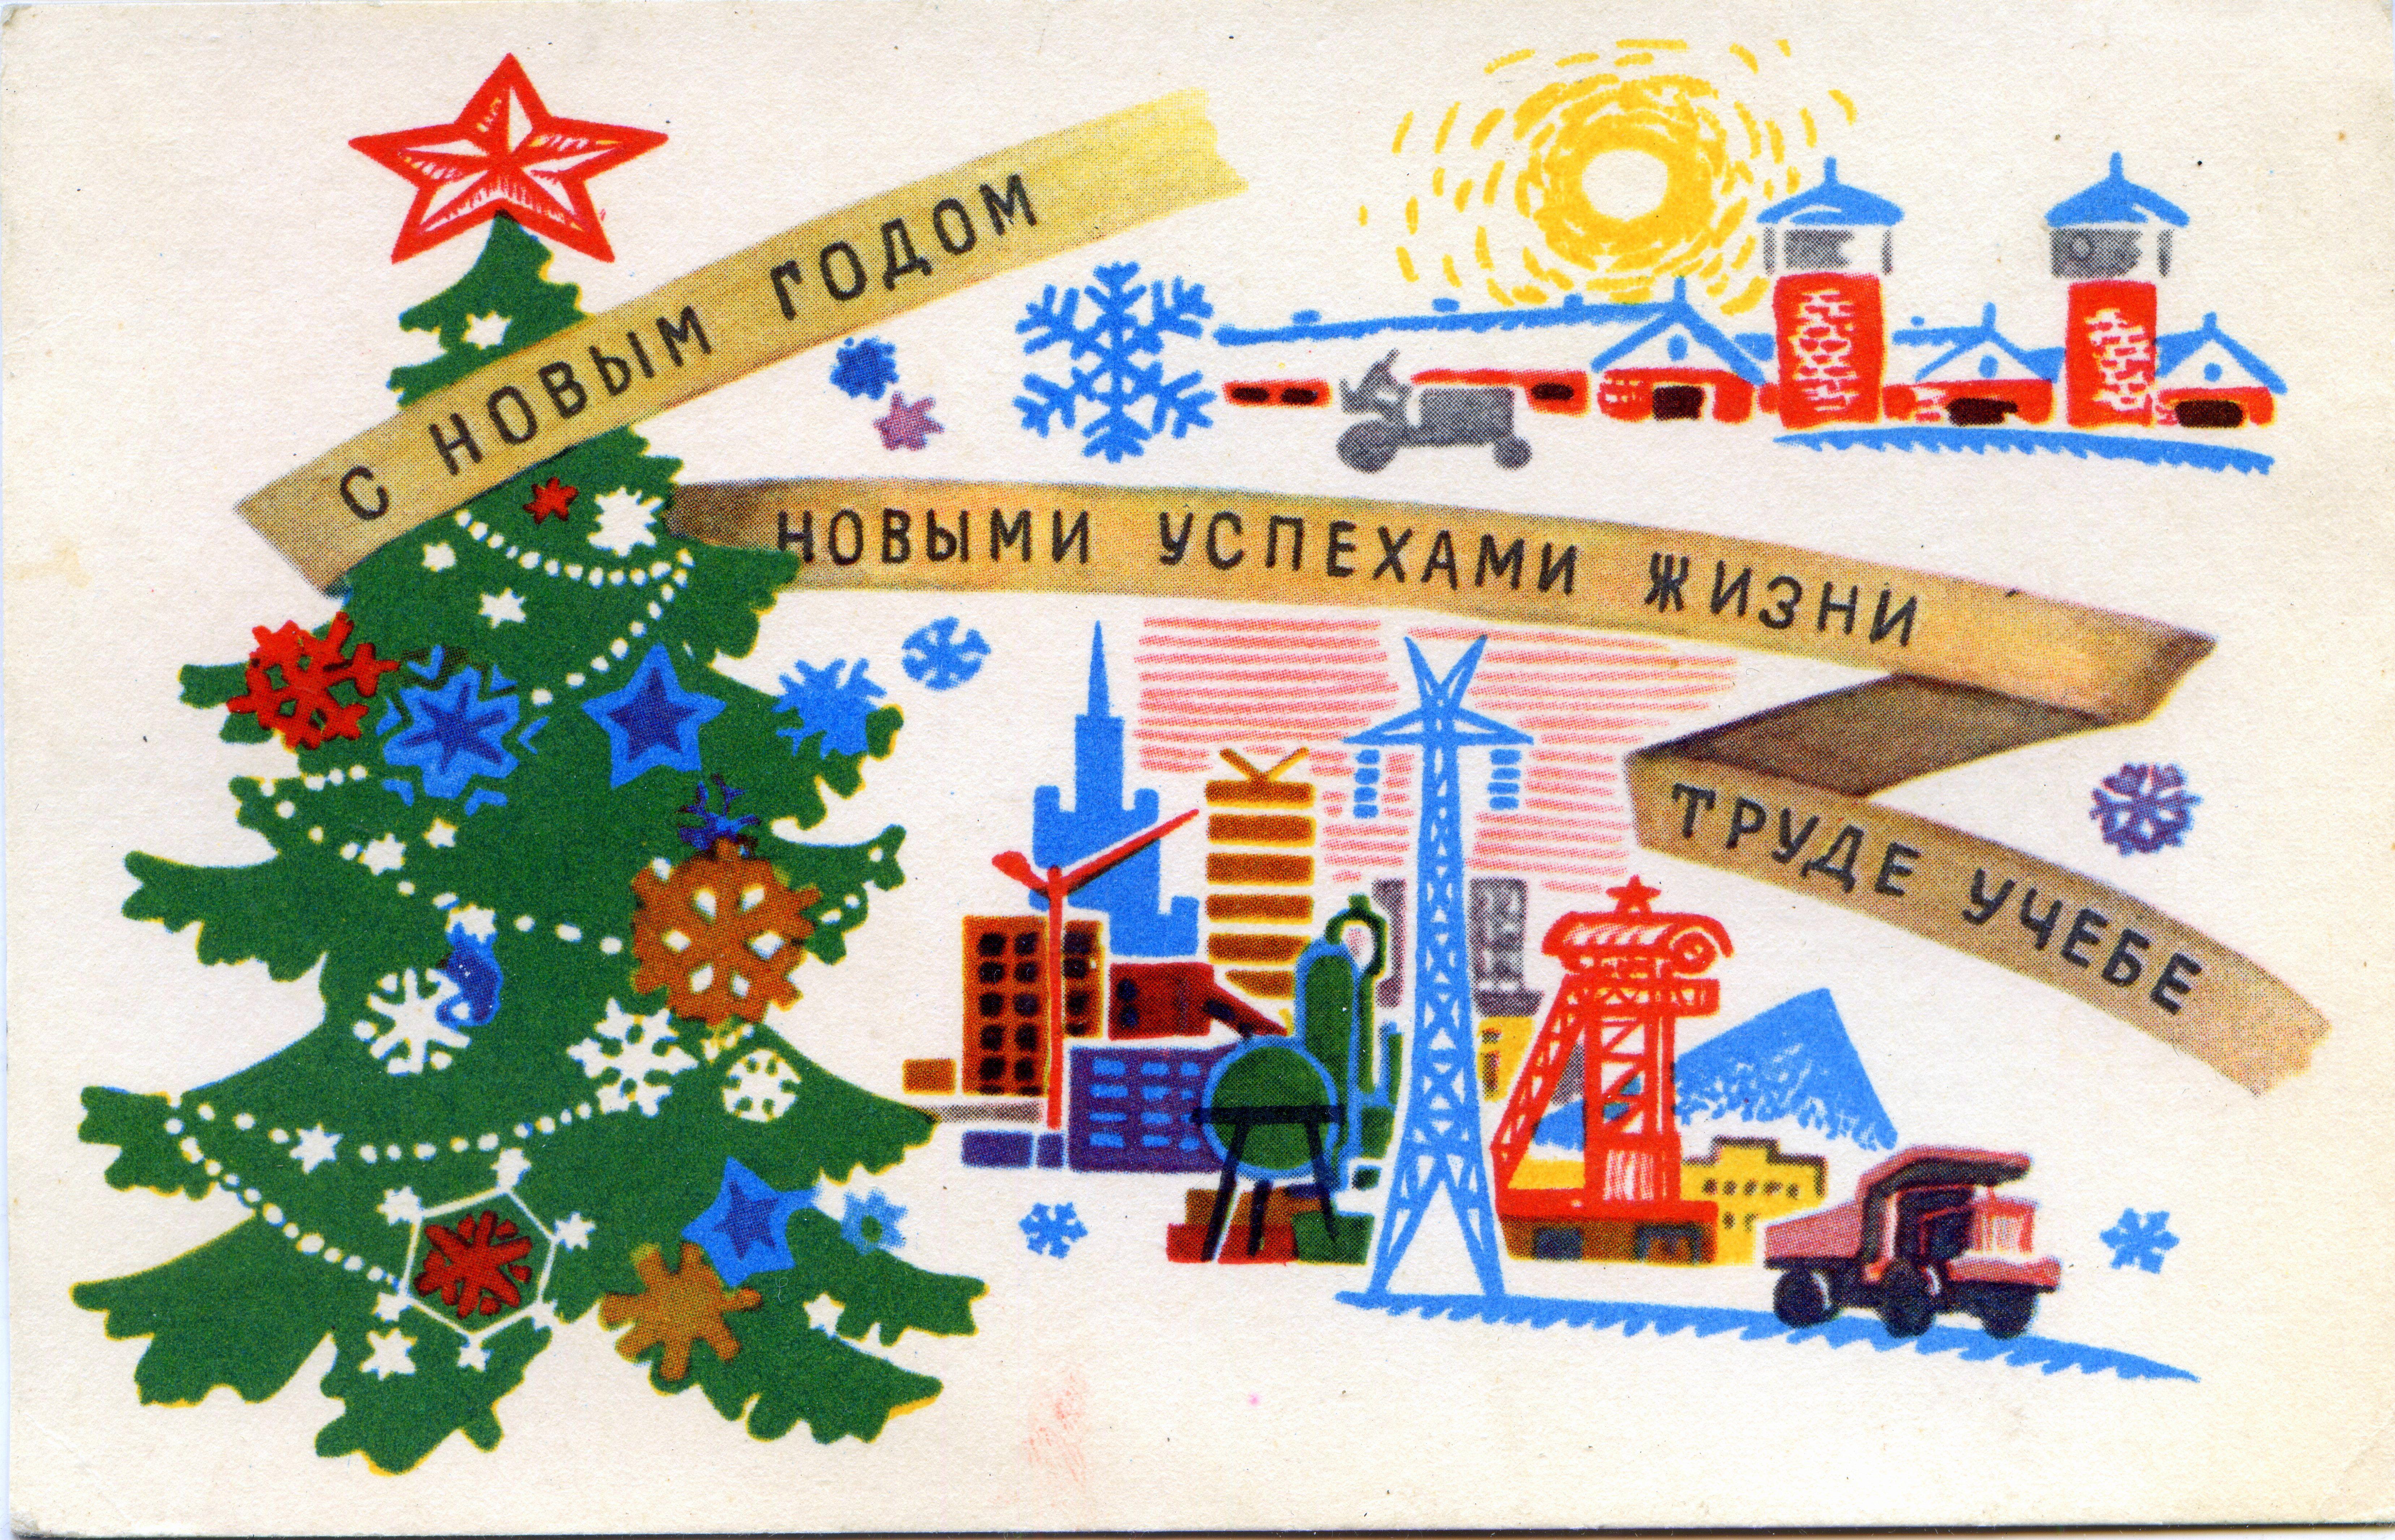 Строительная открытка с новым годом, львицами словами